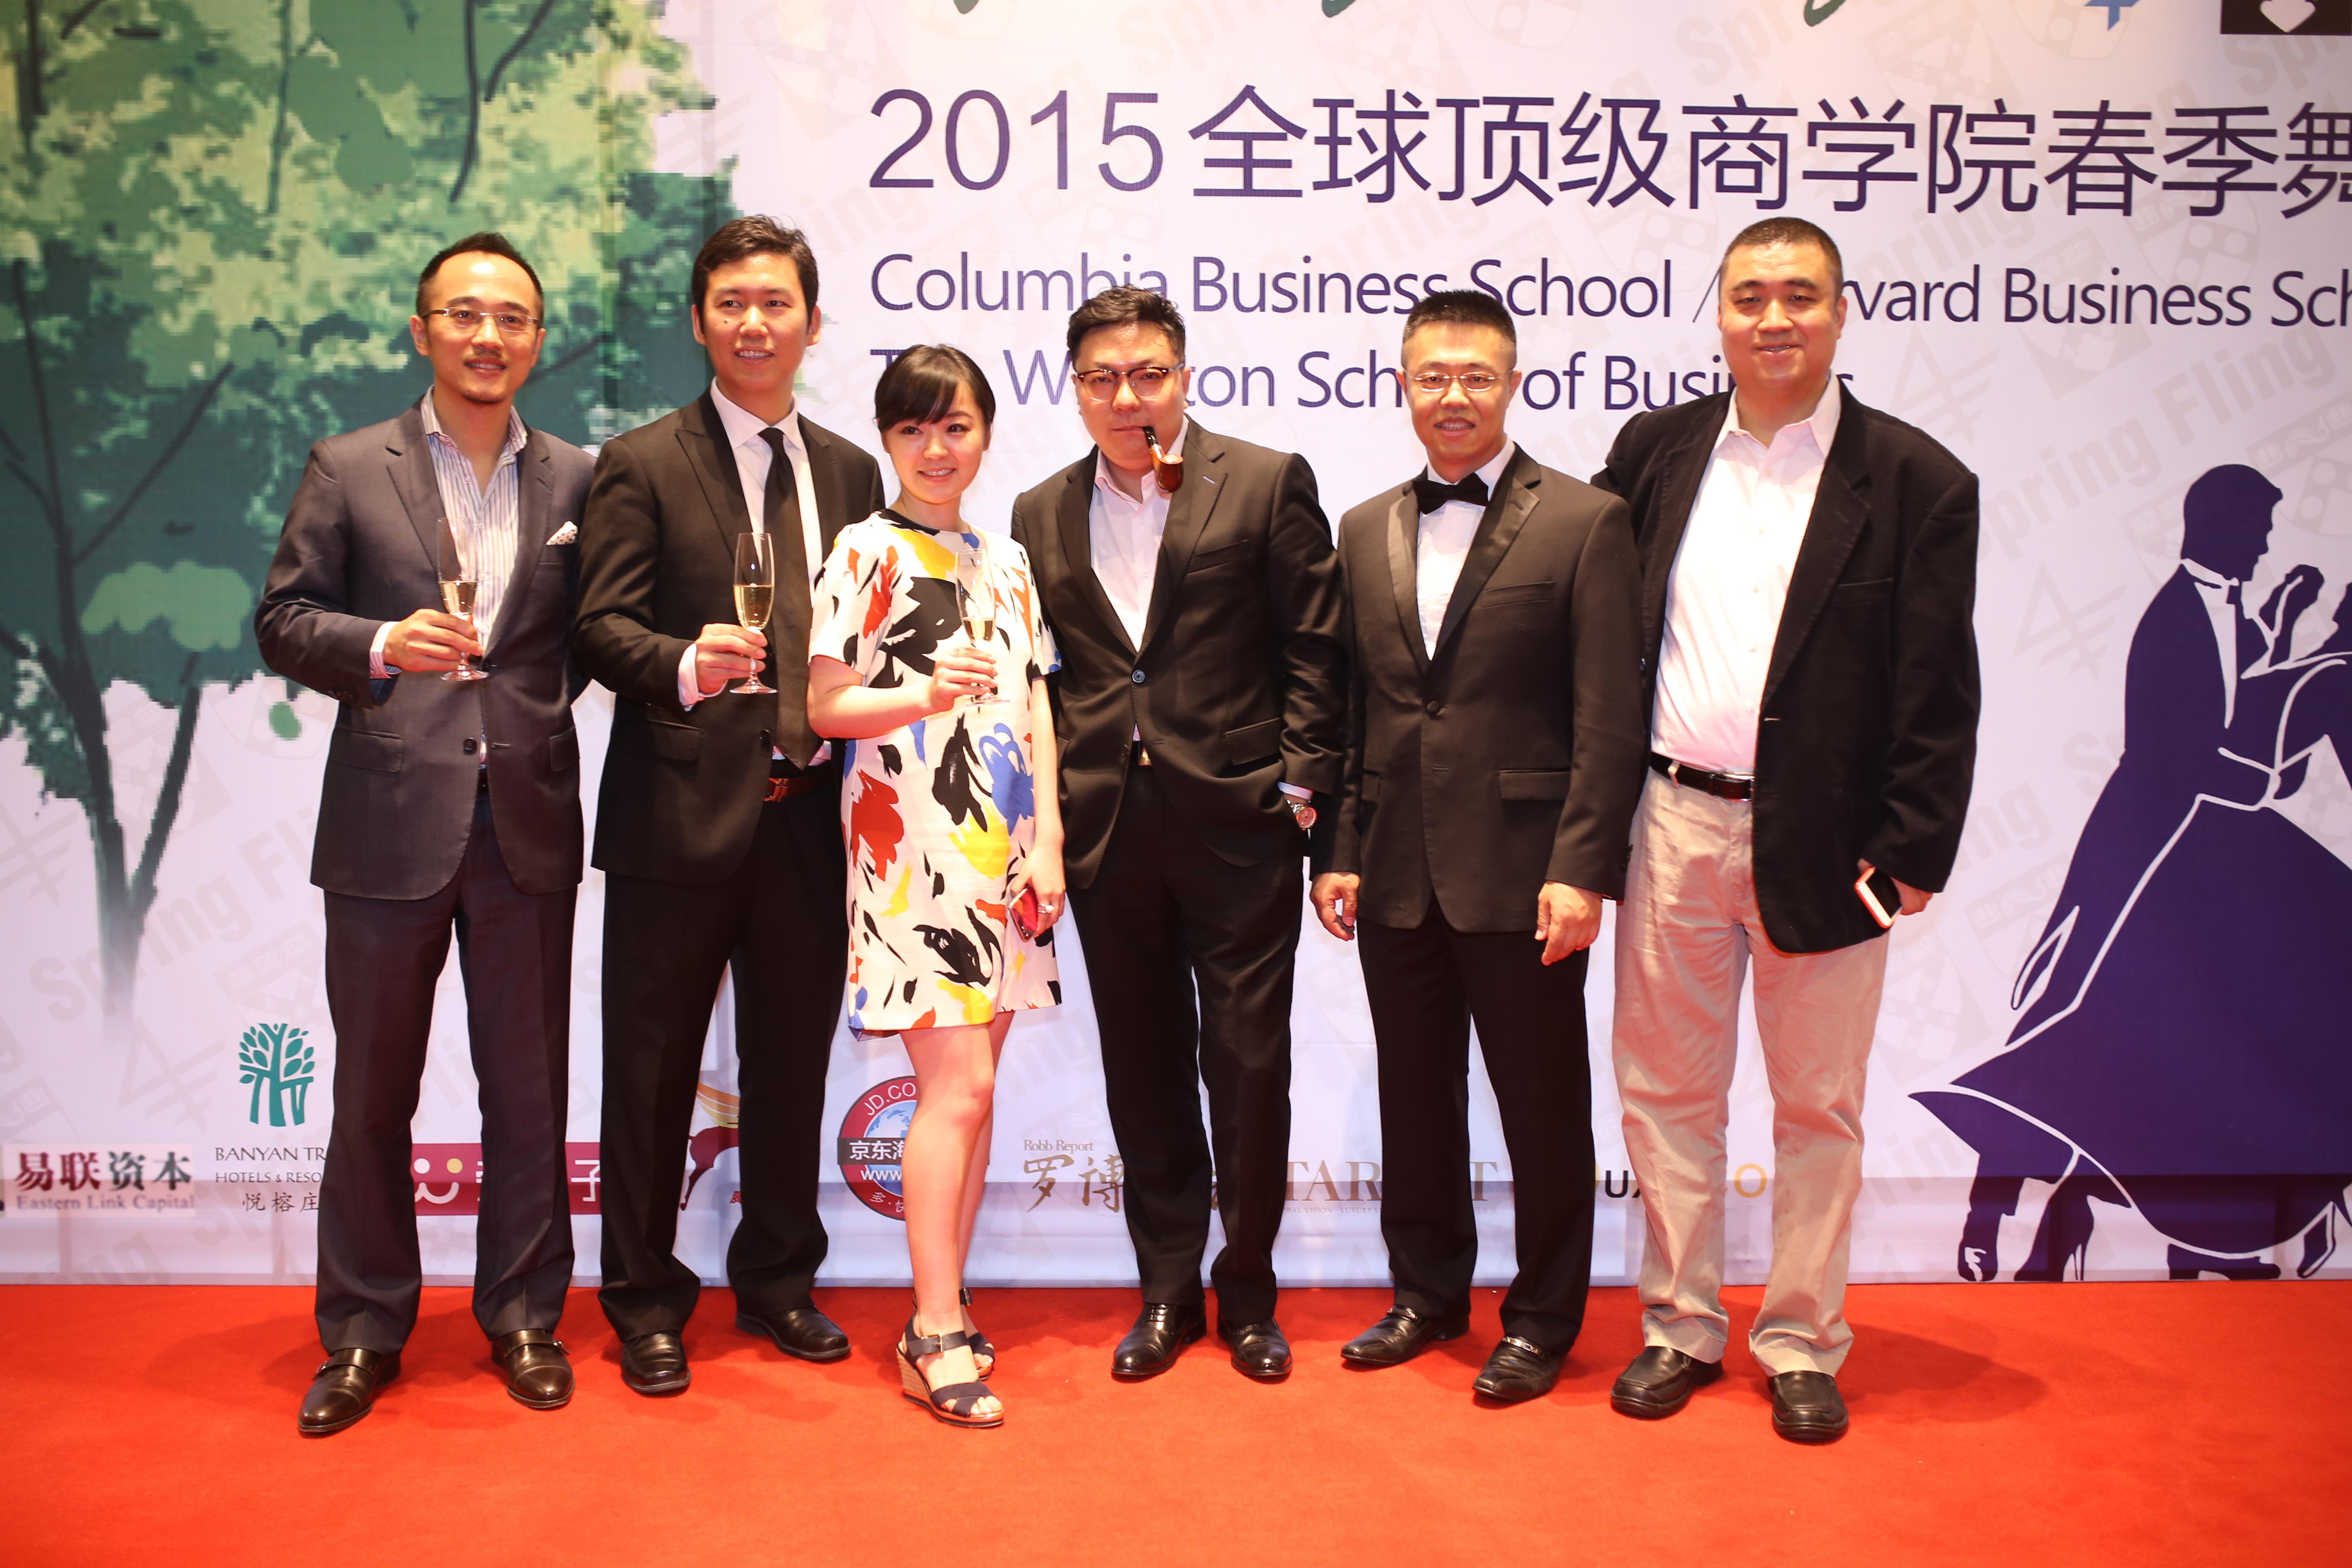 2015年第二届全球顶级商学院春季舞会精彩回放